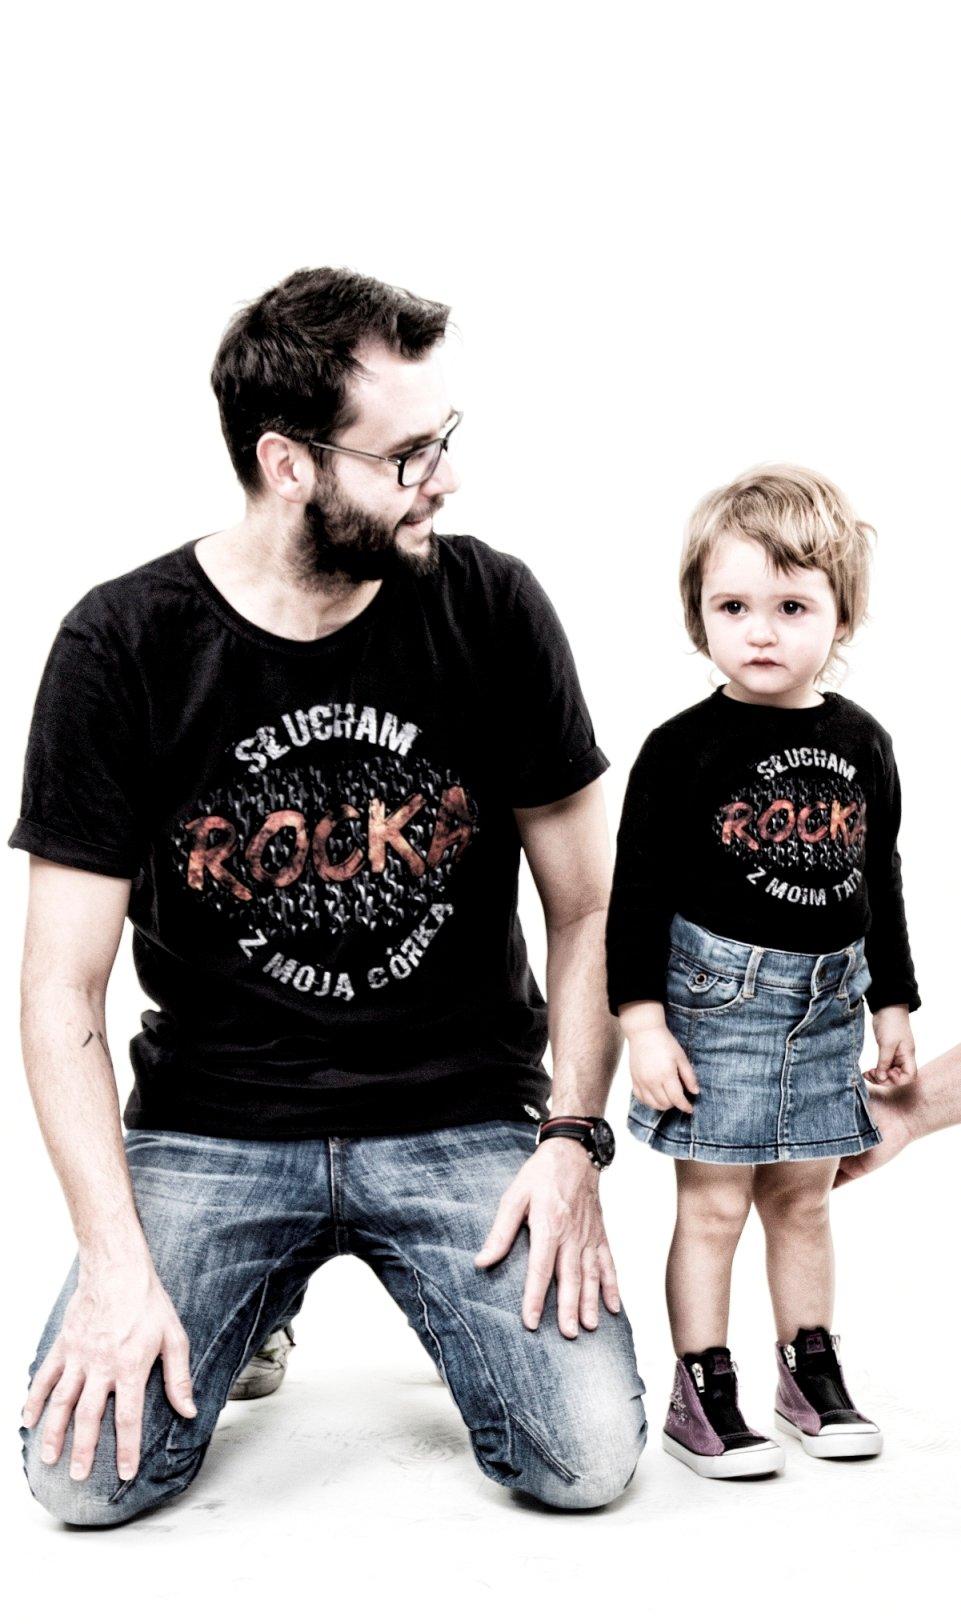 słucham rocka z moim tatą !